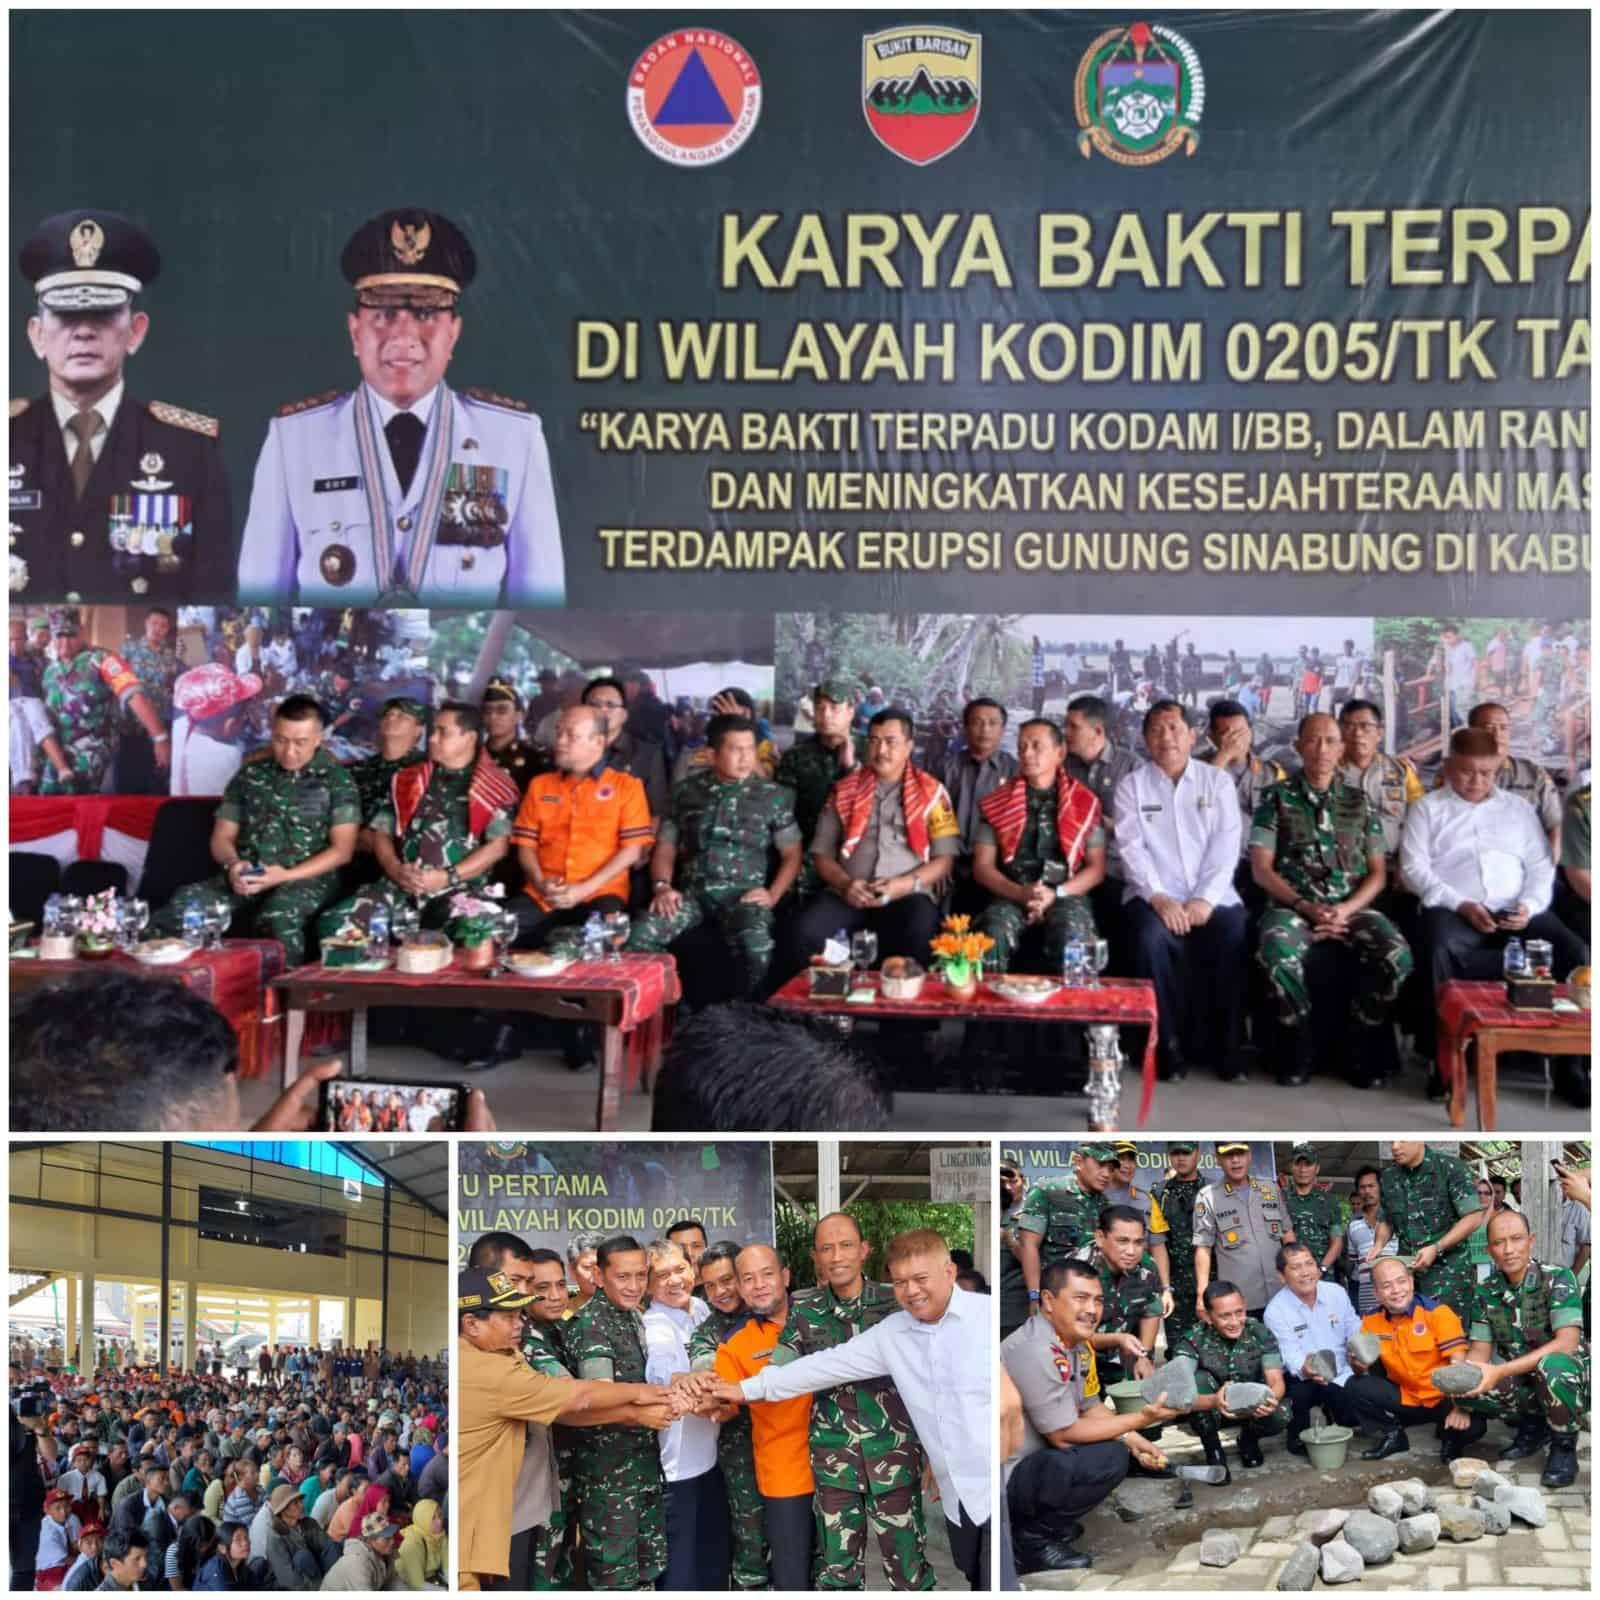 Danlanud Soewondo Hadiri Karya Bakti Terpadu Di Wilayah Kodim 0205/TK Kabupaten Karo